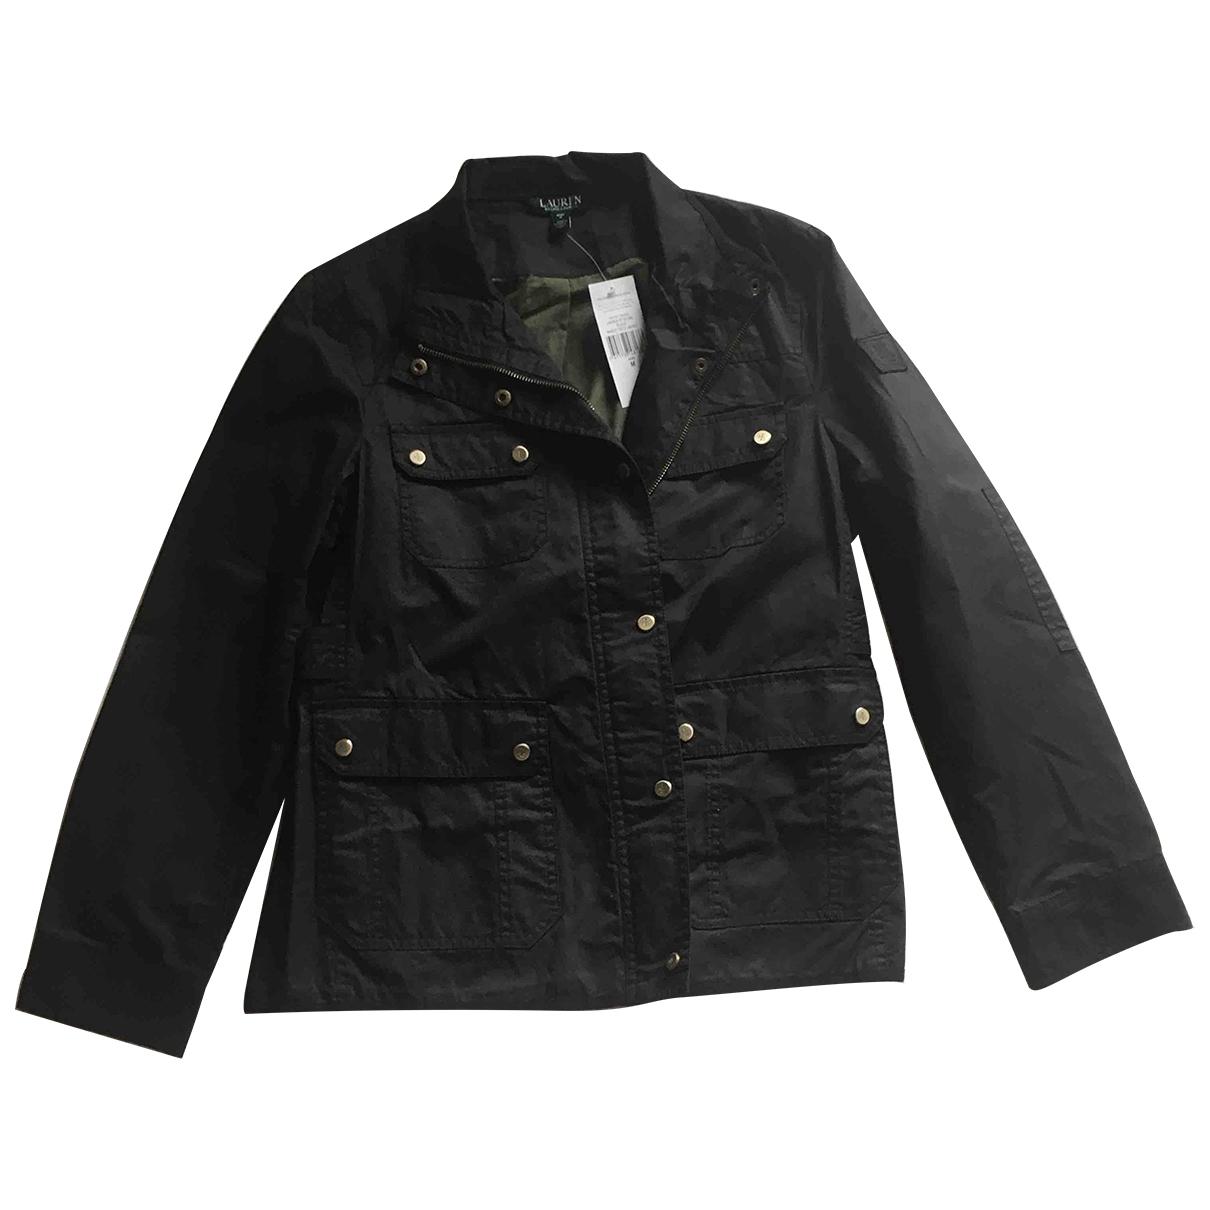 Lauren Ralph Lauren \N Black Cotton jacket for Women M International